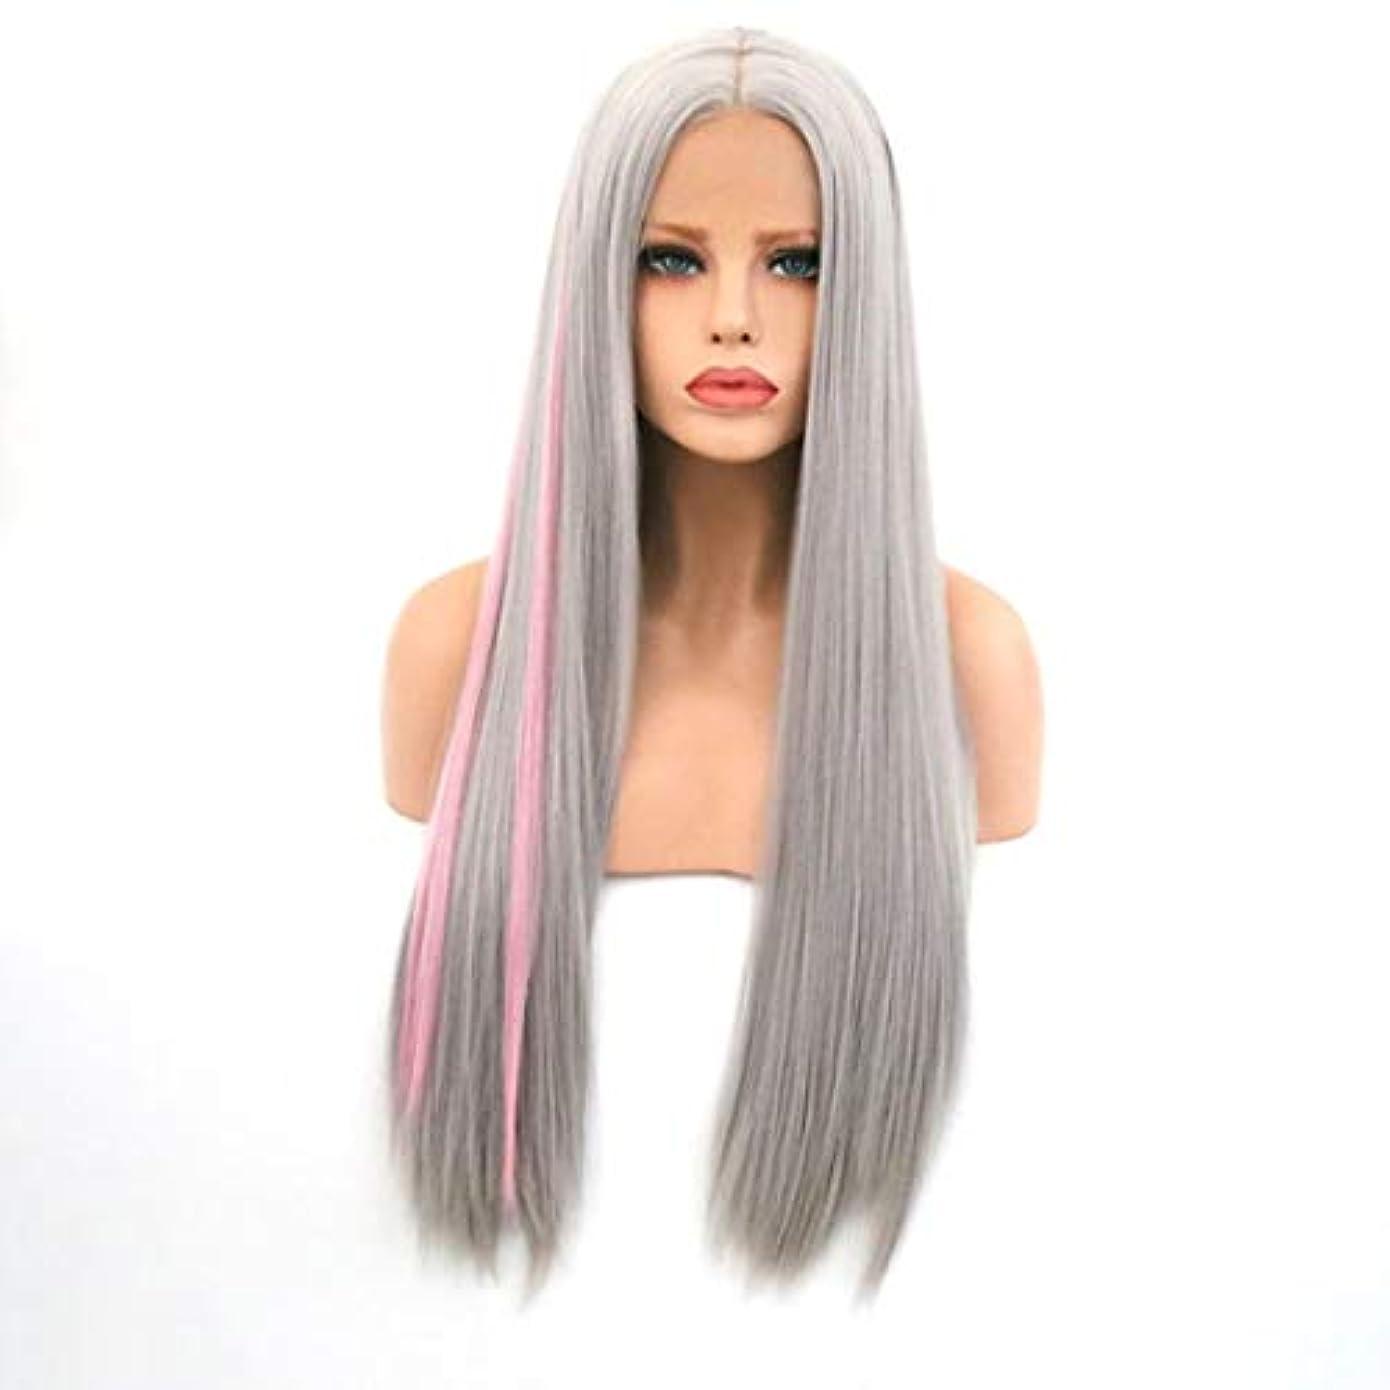 散文遡る報復Summerys 女性のためのロングストレートヘアフロントレース化学繊維ウィッグヘッドギアをかつら